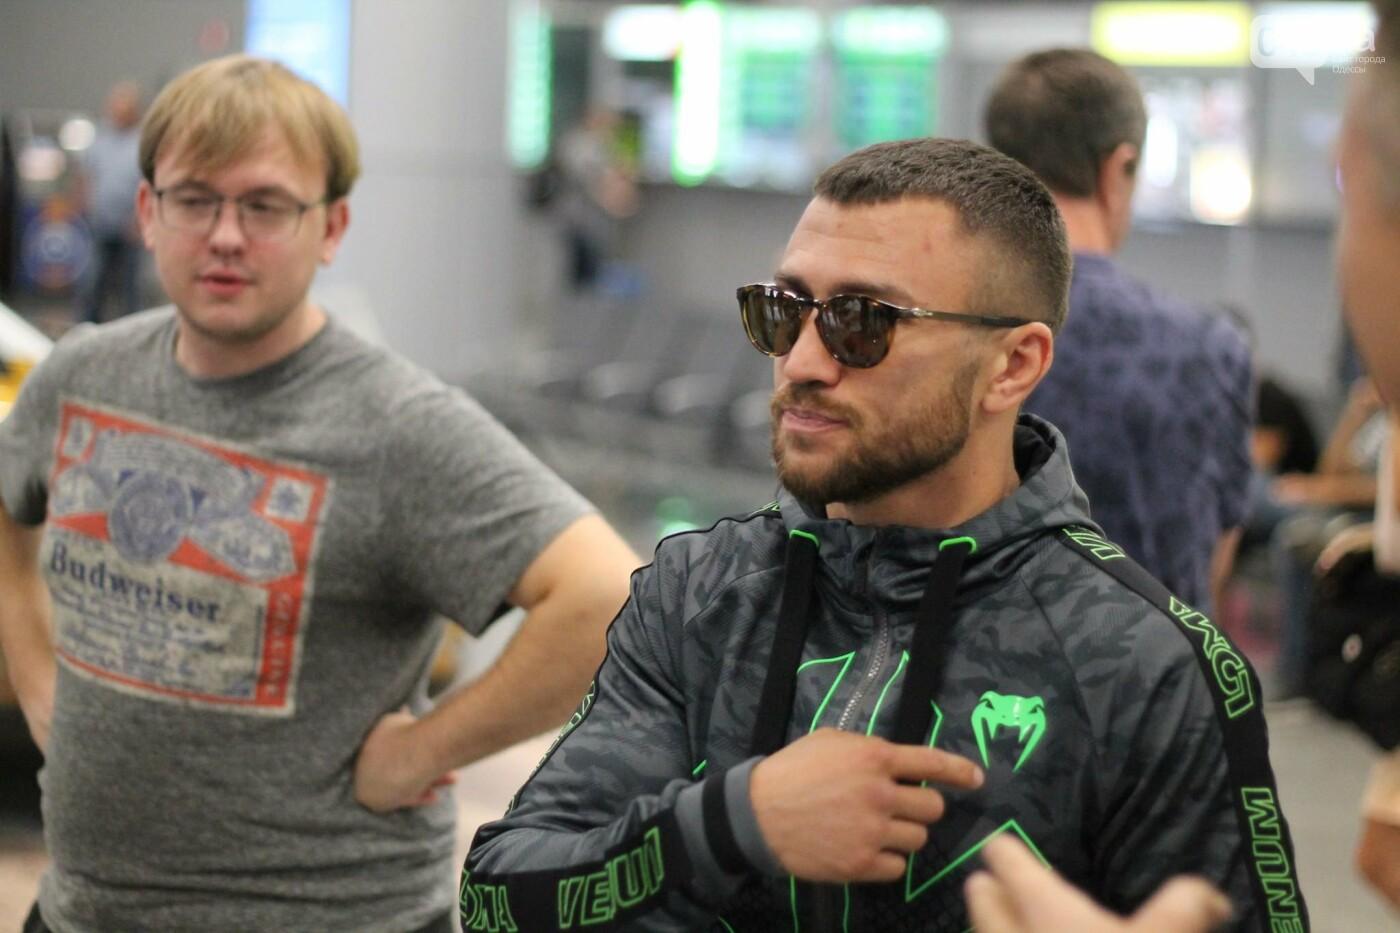 Василий Ломаченко прилетел в Одессу: как встречали боксера в аэропорту, - ФОТО, ВИДЕО, фото-5